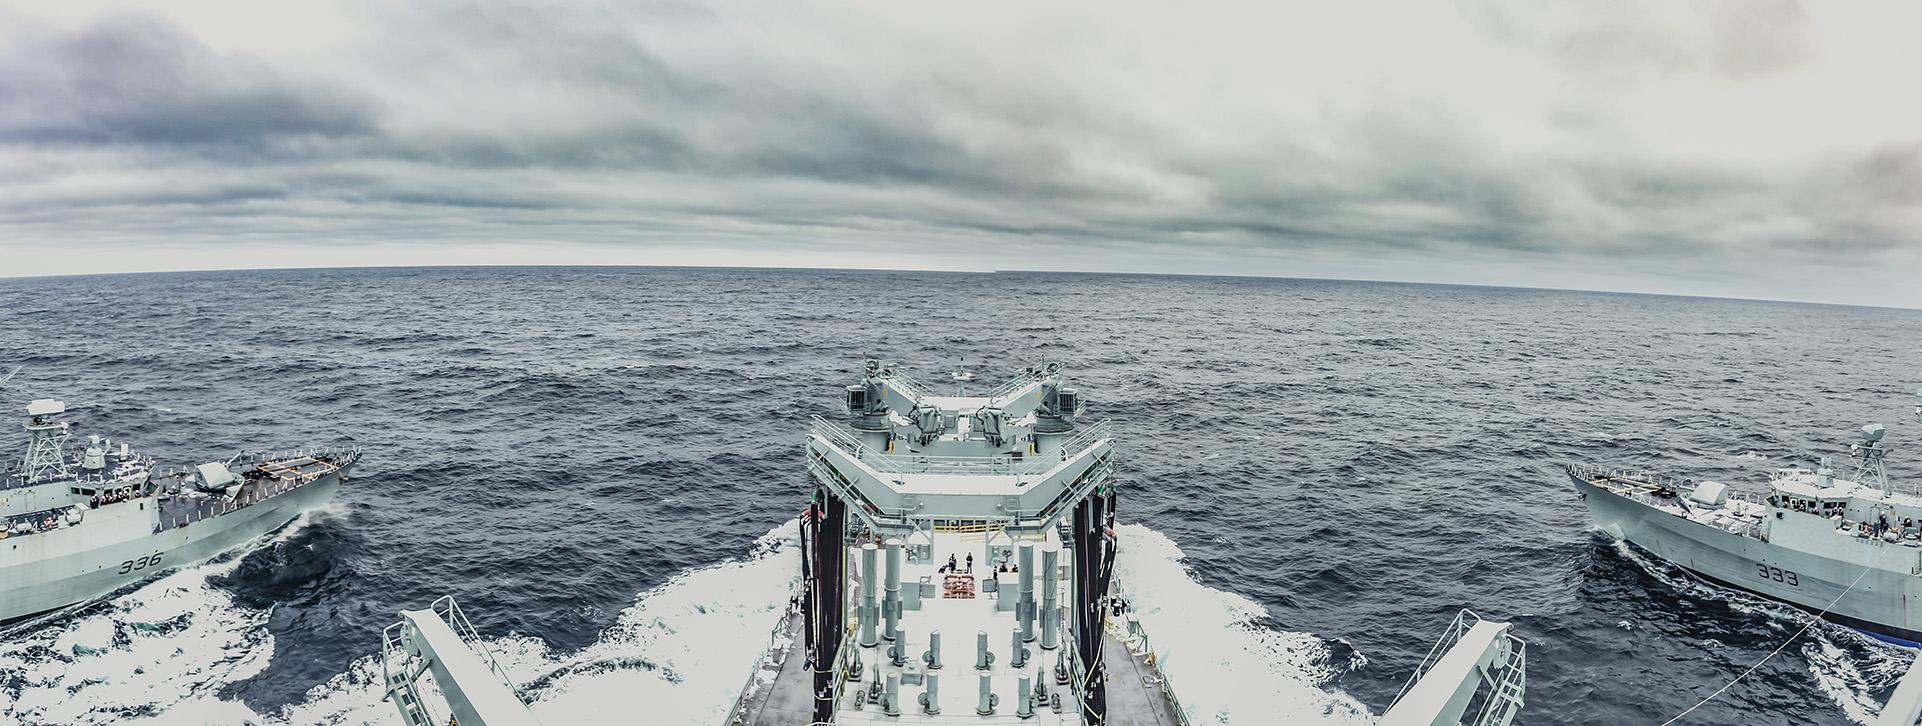 navy trials (9 of 11)